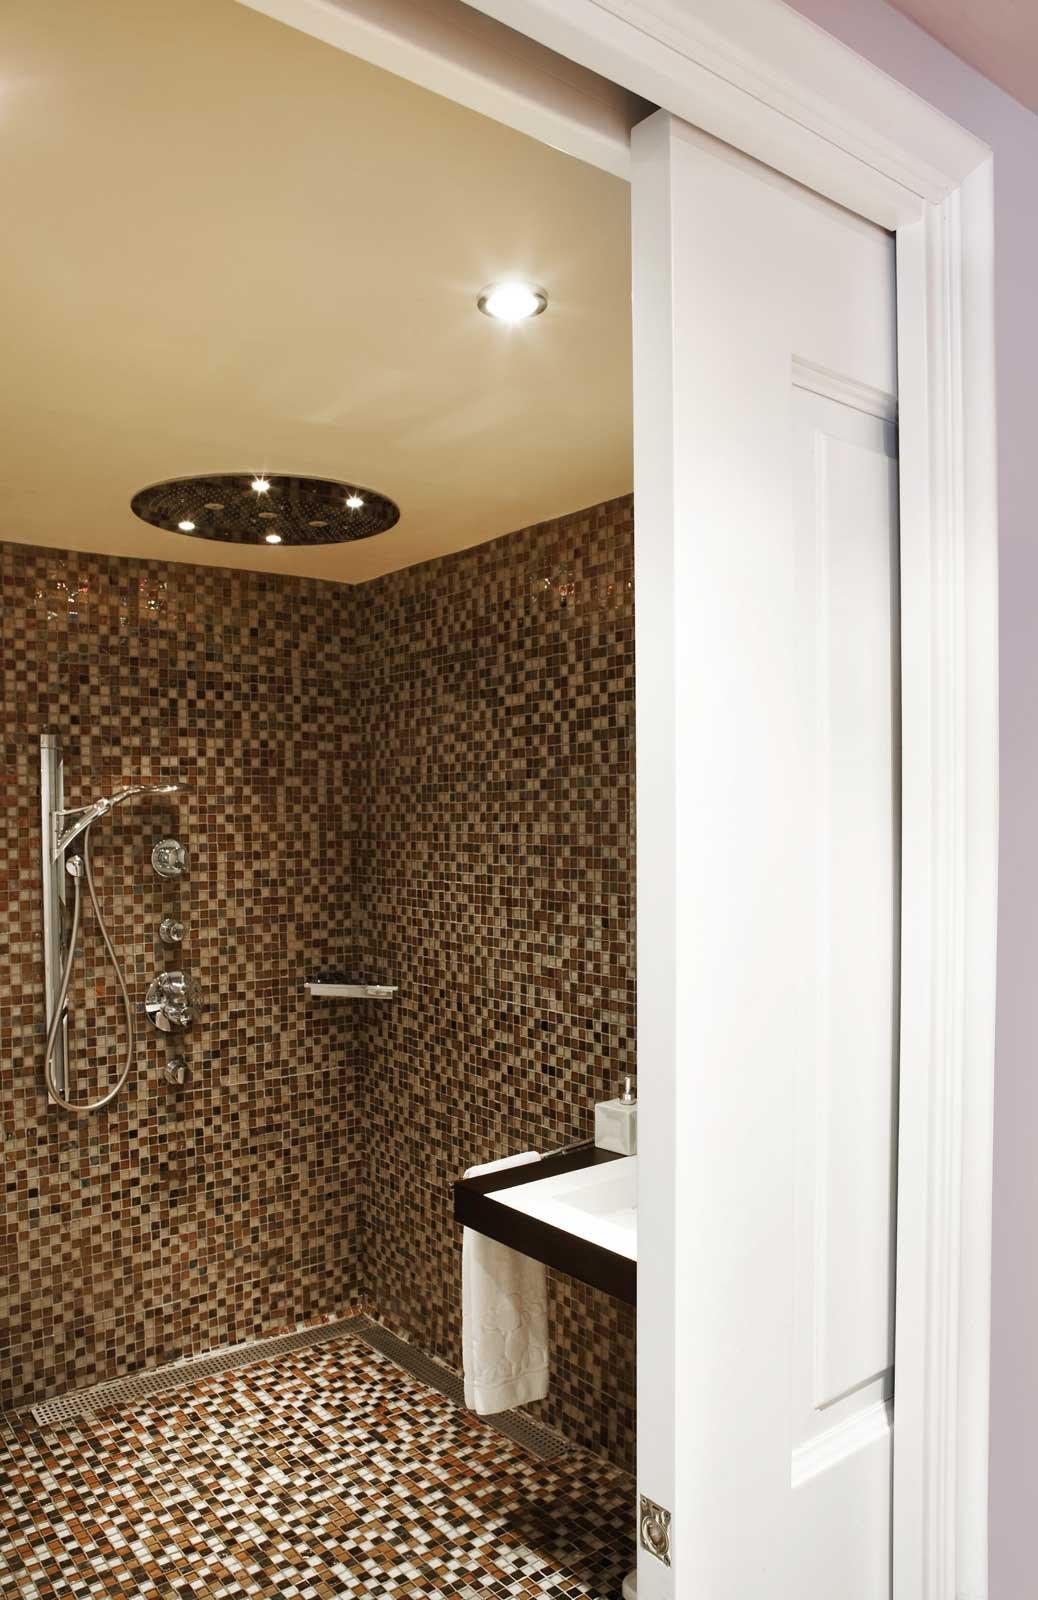 Porte scorrevoli bagno an07 regardsdefemmes - Porte scorrevoli per bagno ...